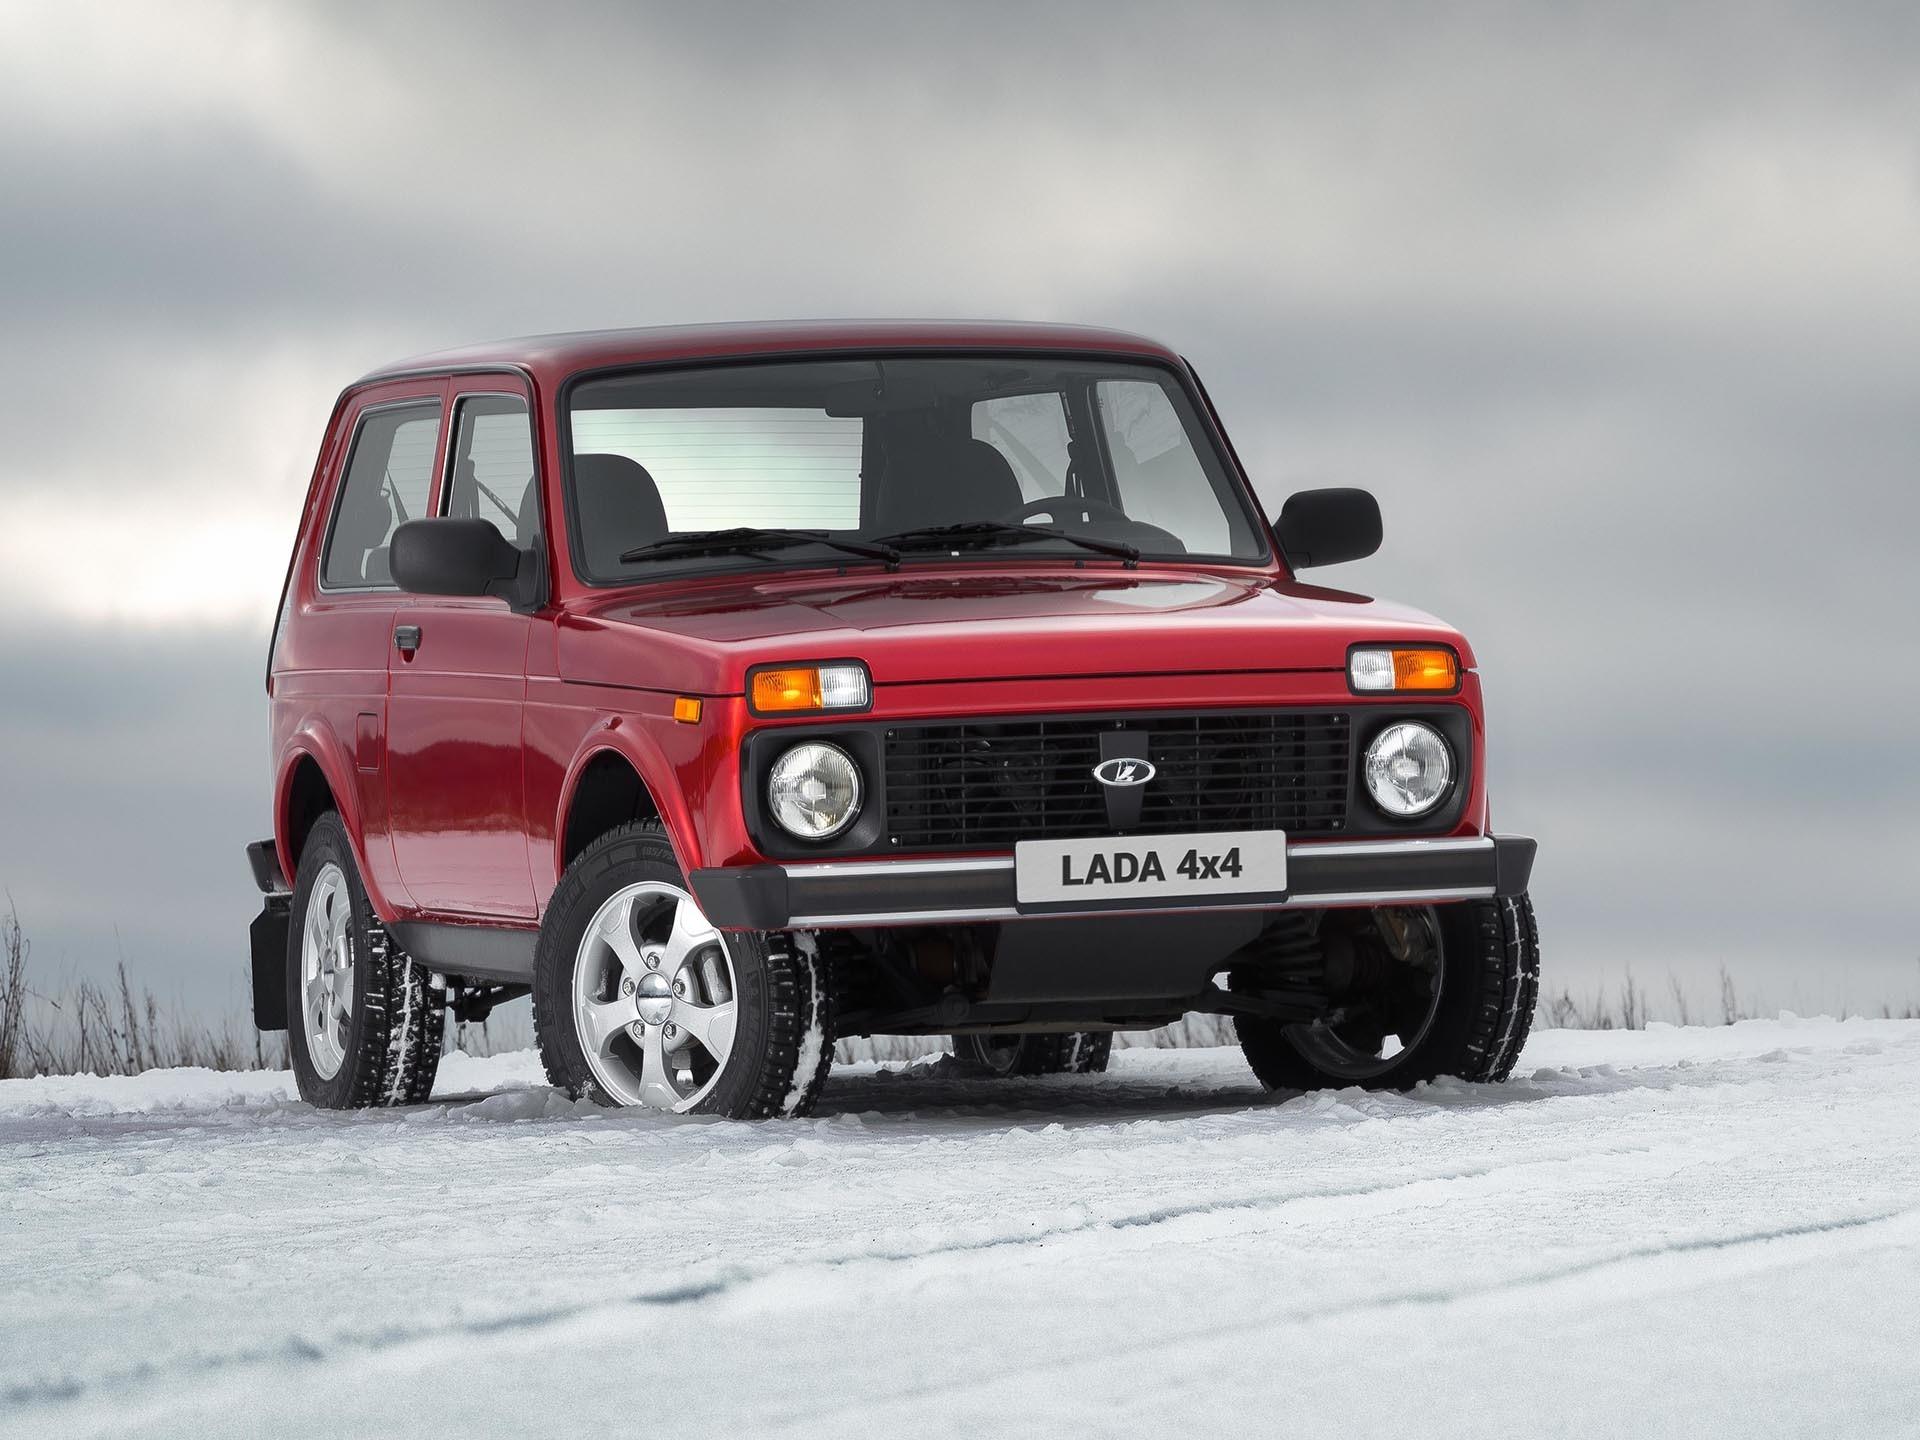 Авито Авто: продажи автомобилей сегмента SUV на вторичном авторынке выросли на 40%